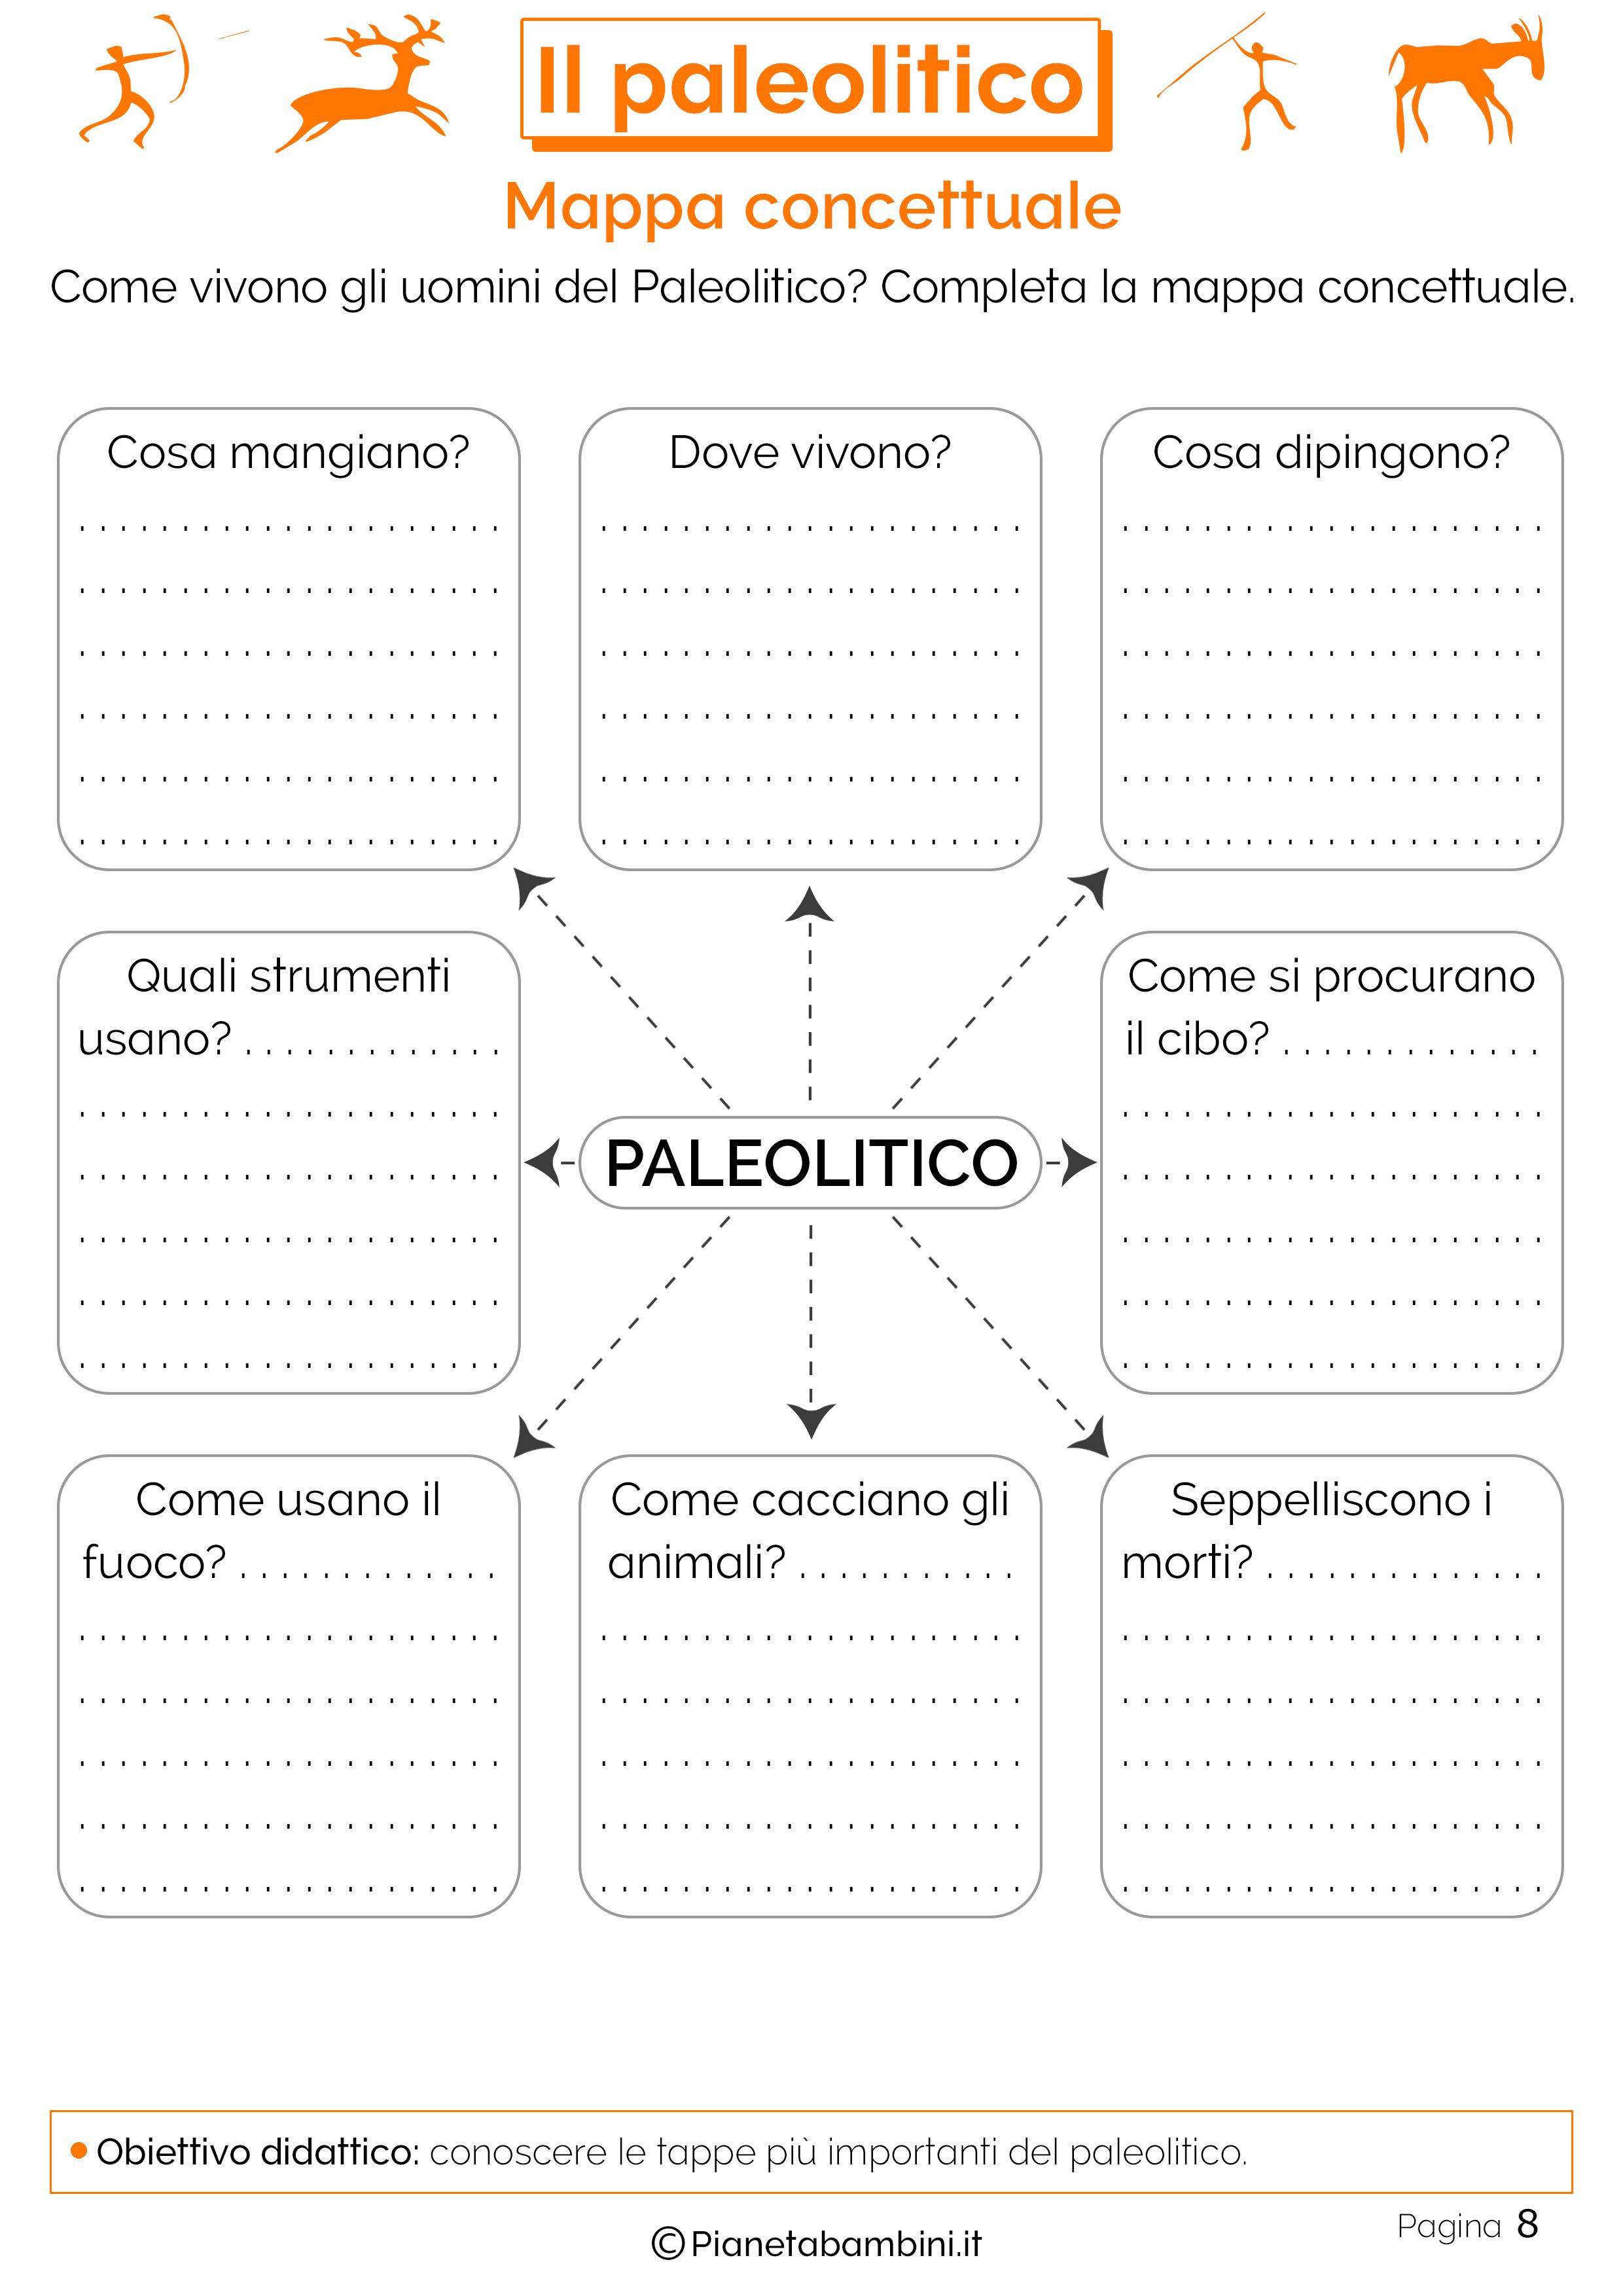 Mappa-Concettuale-Paleolitico.png (2480×3508)